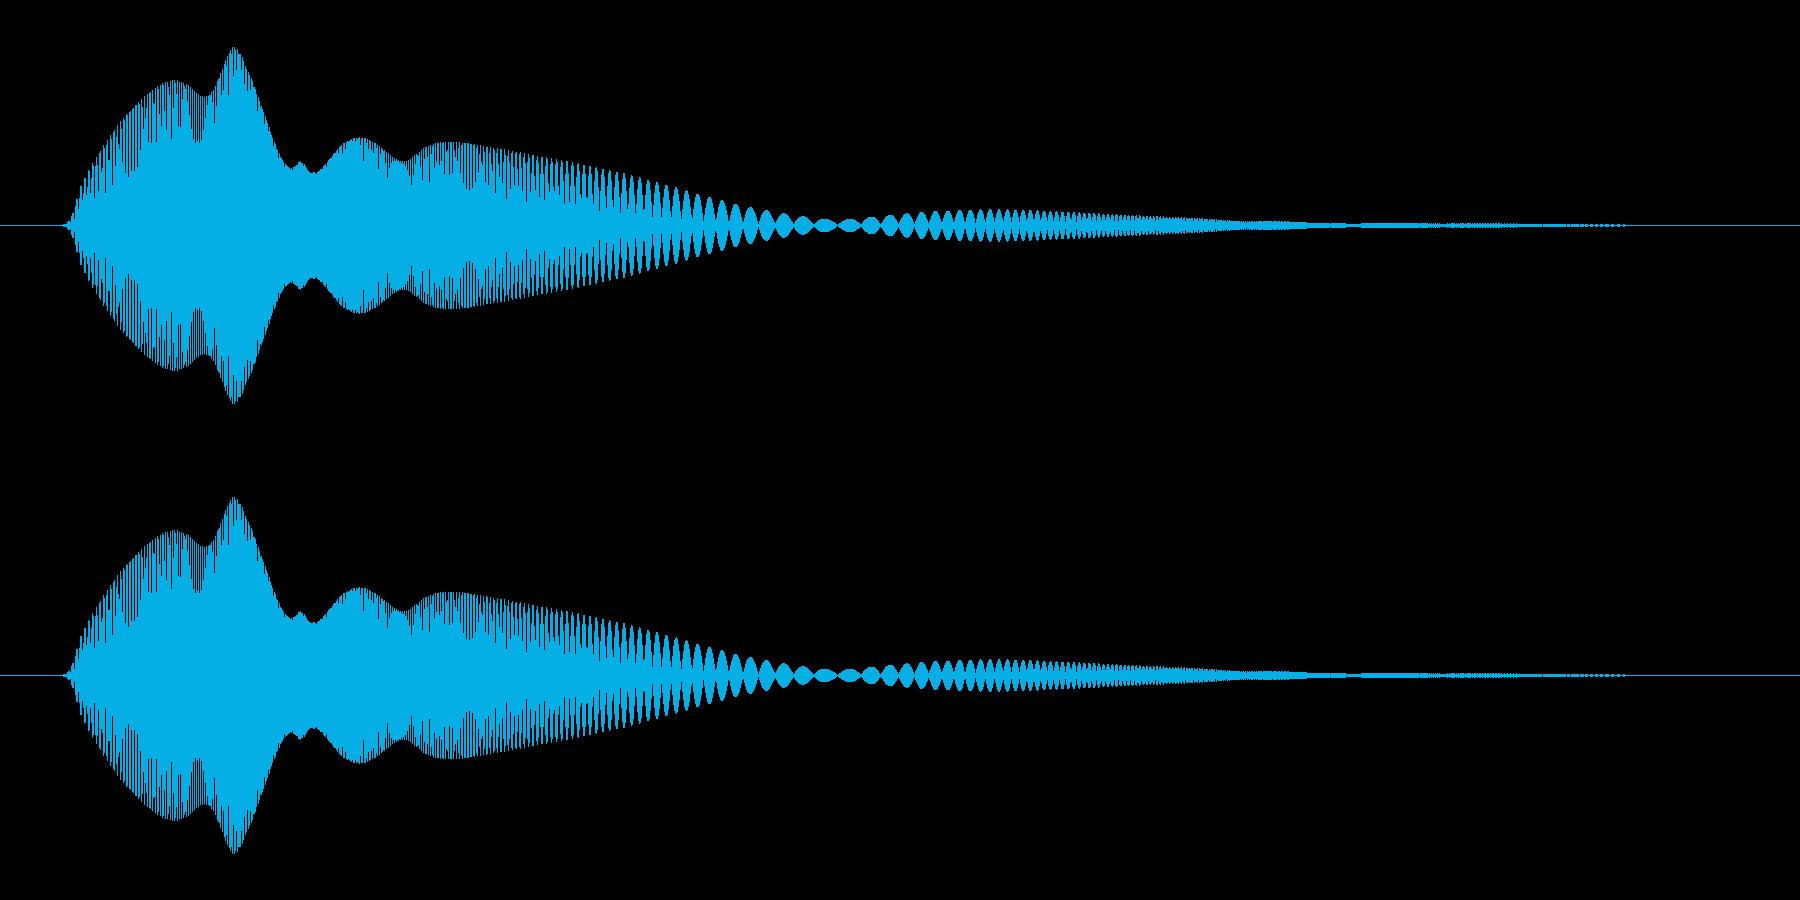 ぷにっとした、かわいい感じの足音_単発の再生済みの波形